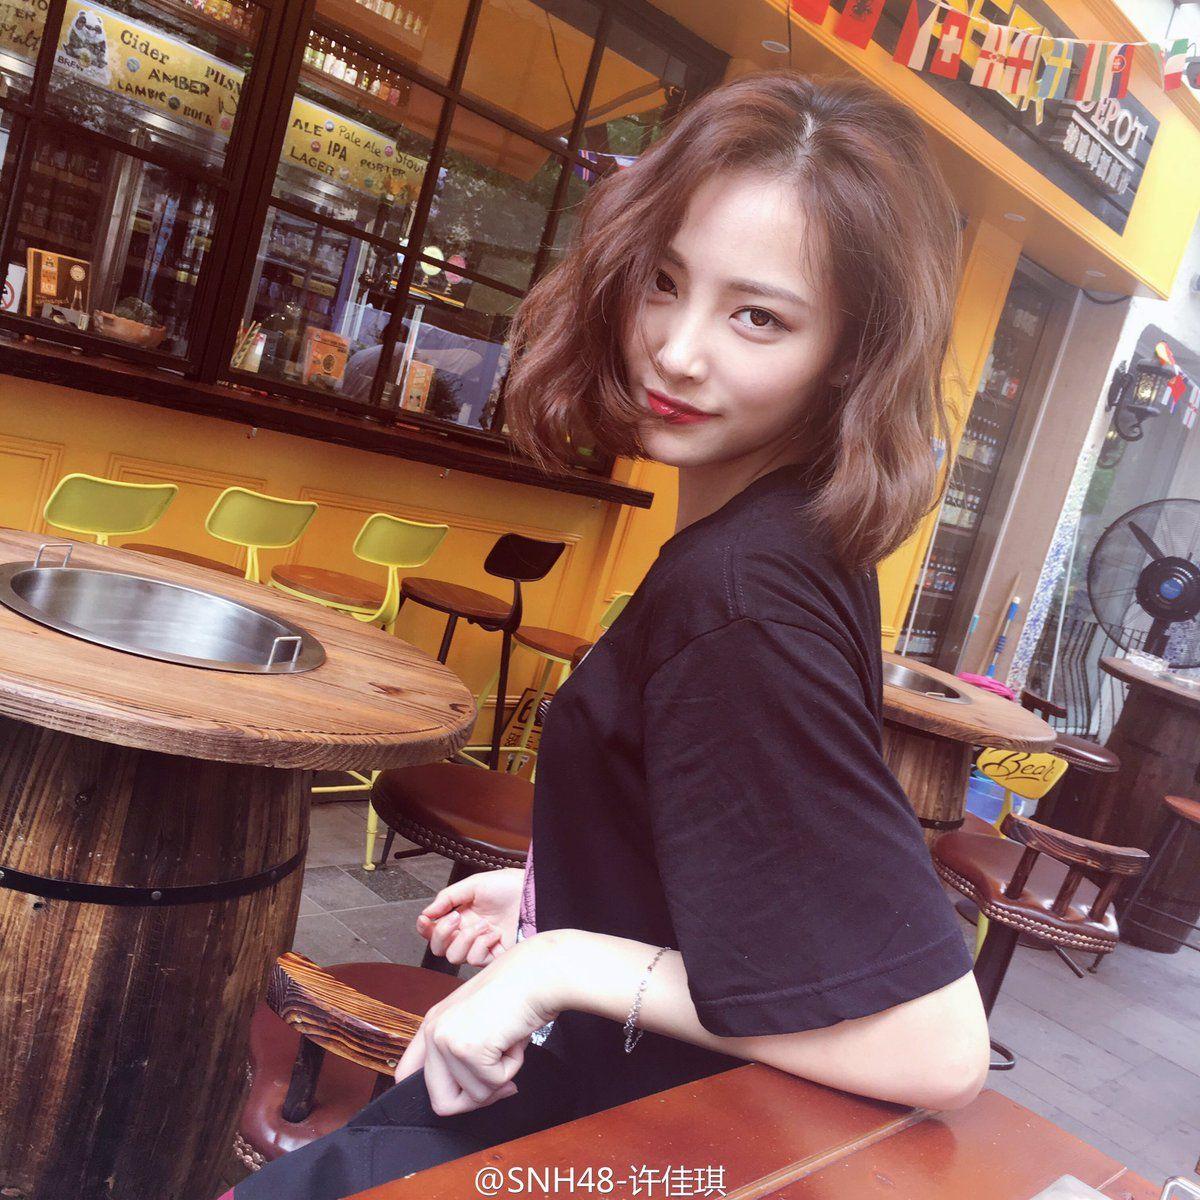 xu-jiaqi-snh48